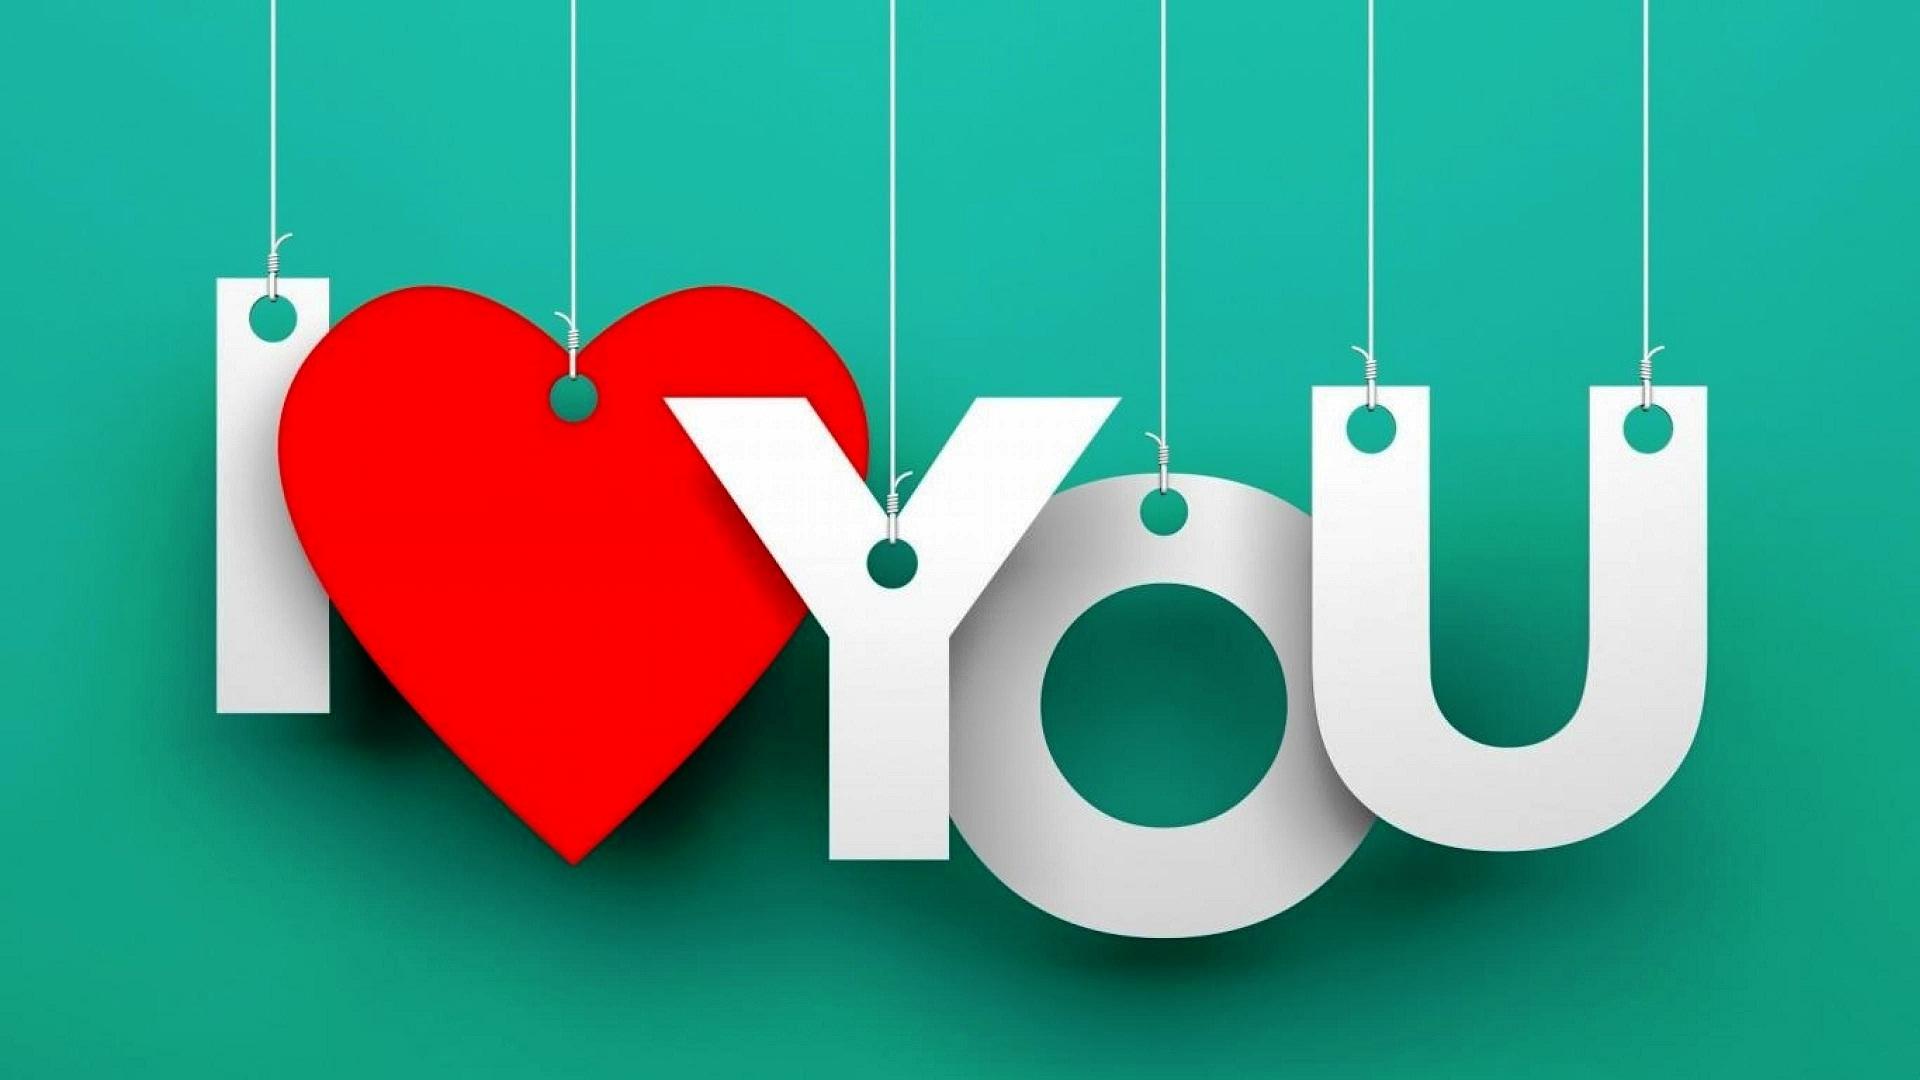 i love u (2)